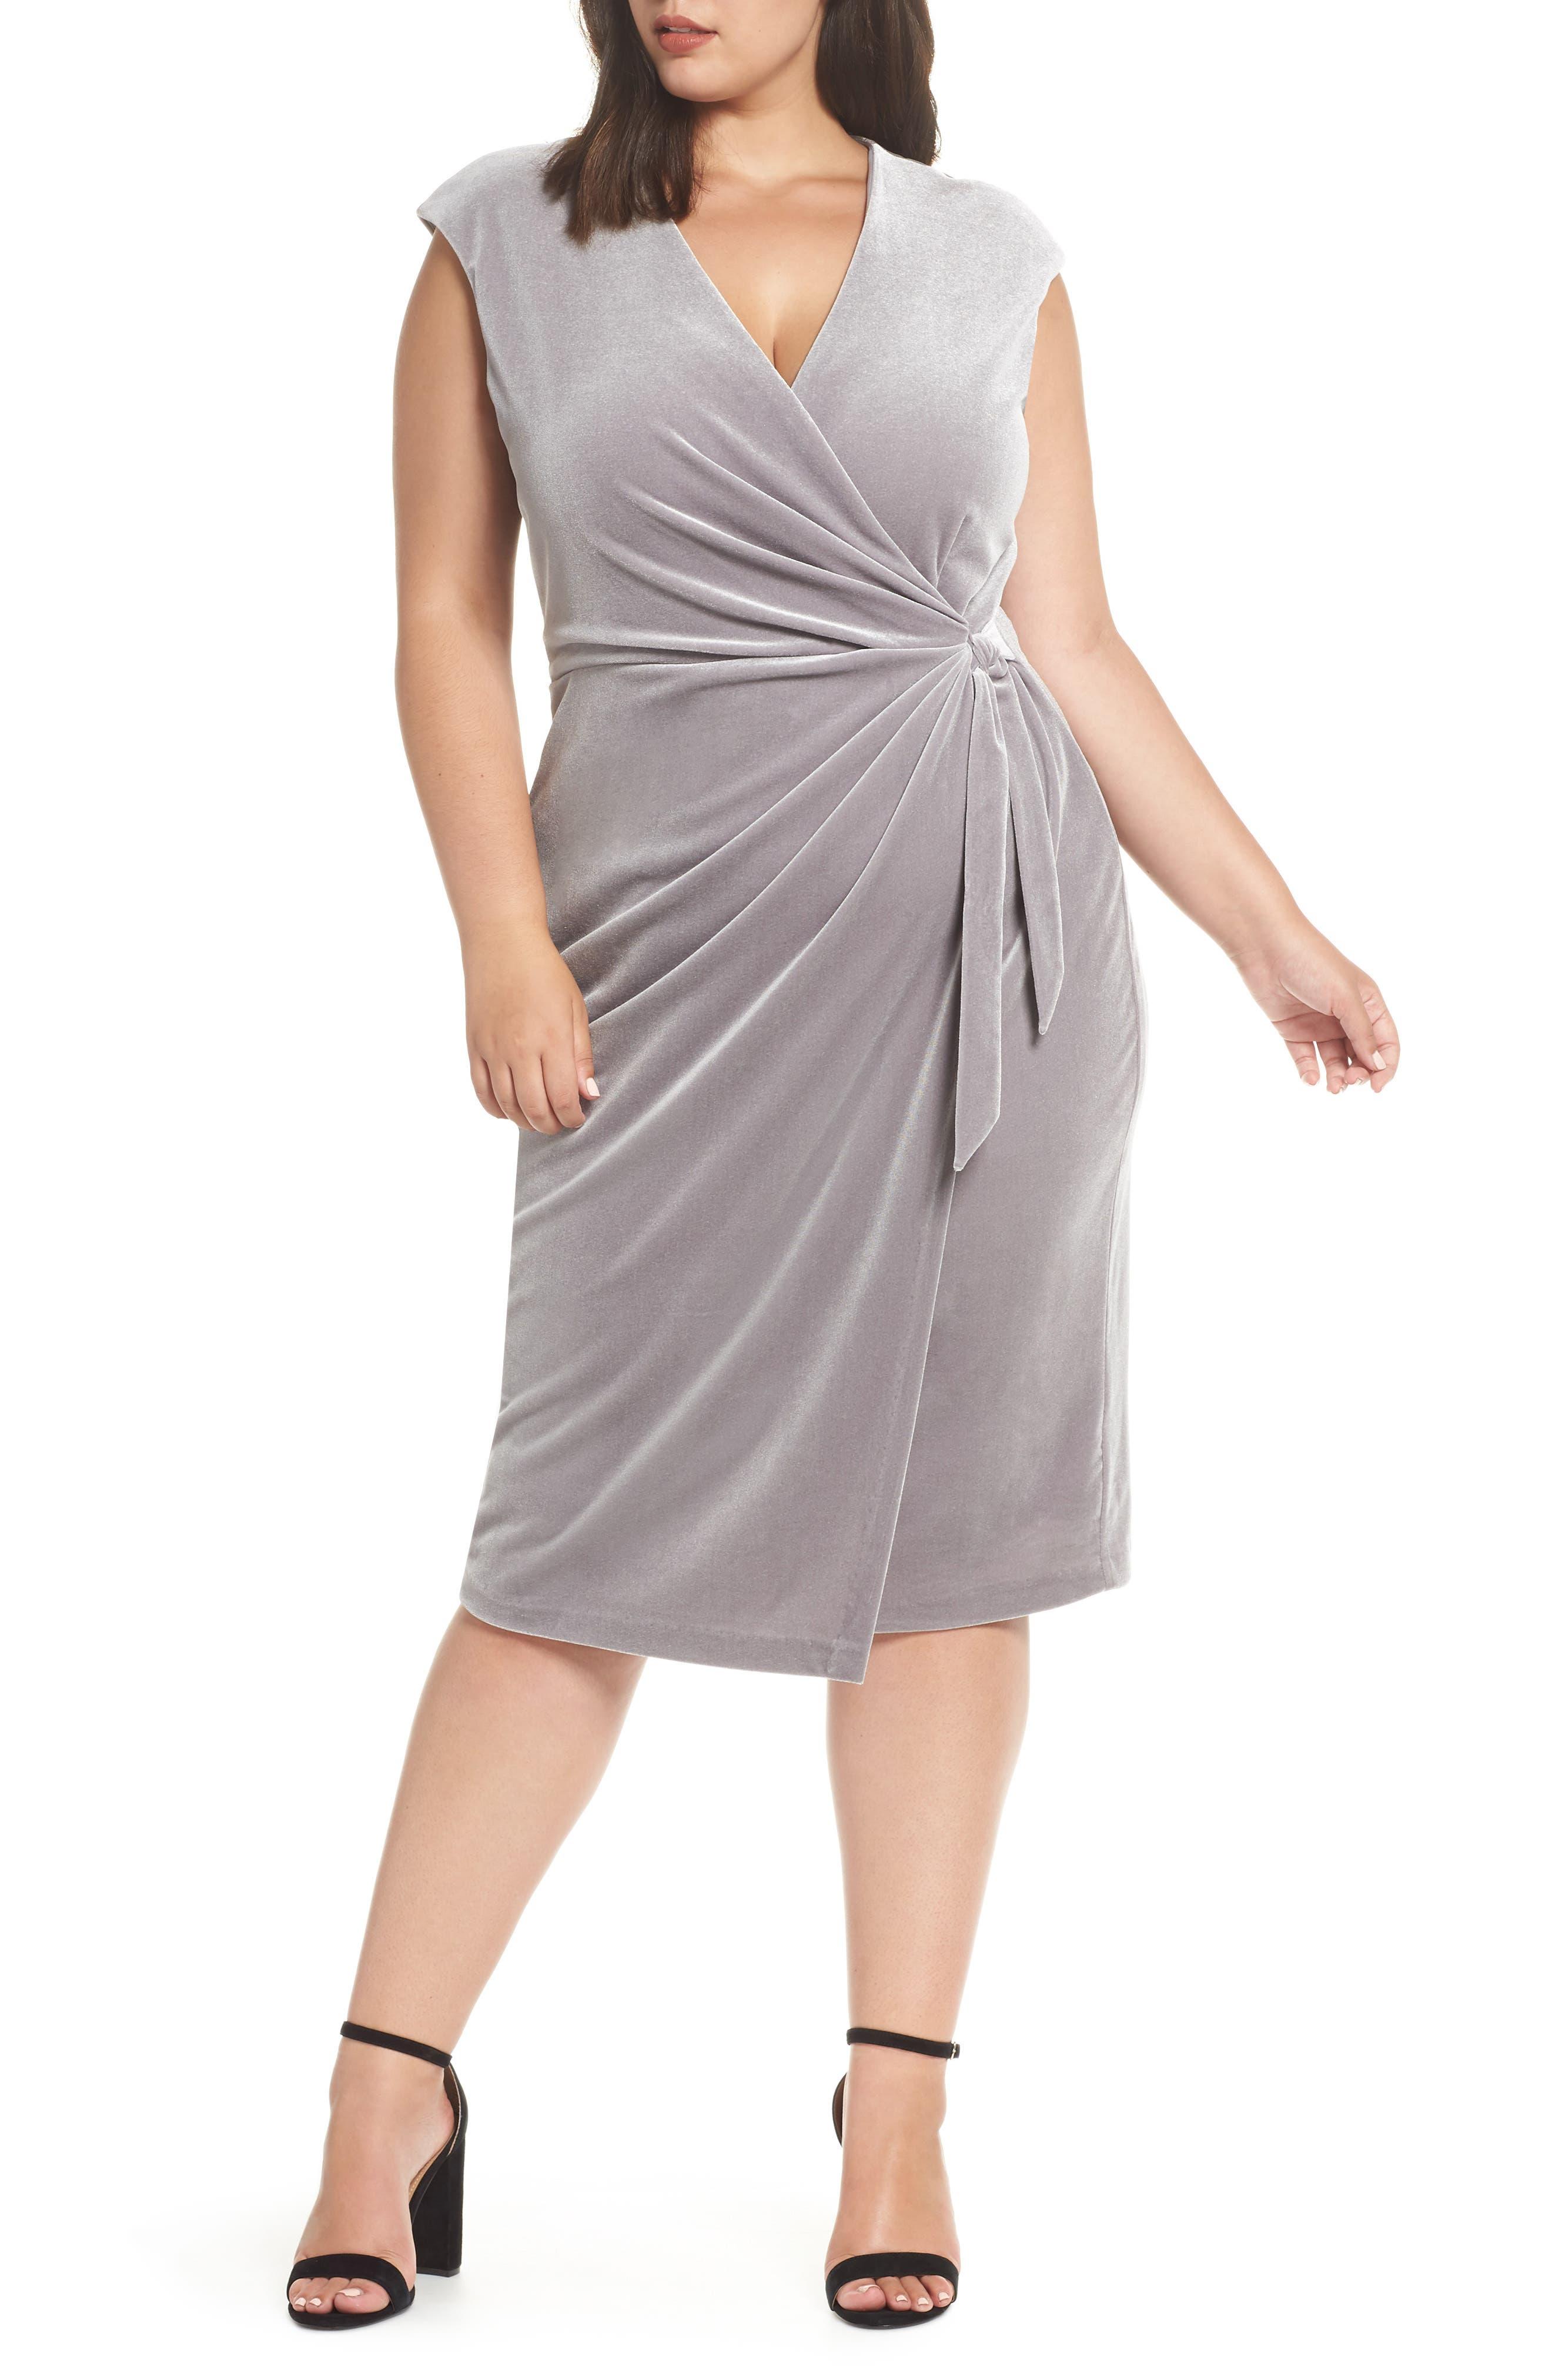 70s Dresses – Disco Dresses, Hippie Dresses, Wrap Dresses Plus Size Womens Maggy London Velvet Wrap Dress $148.00 AT vintagedancer.com